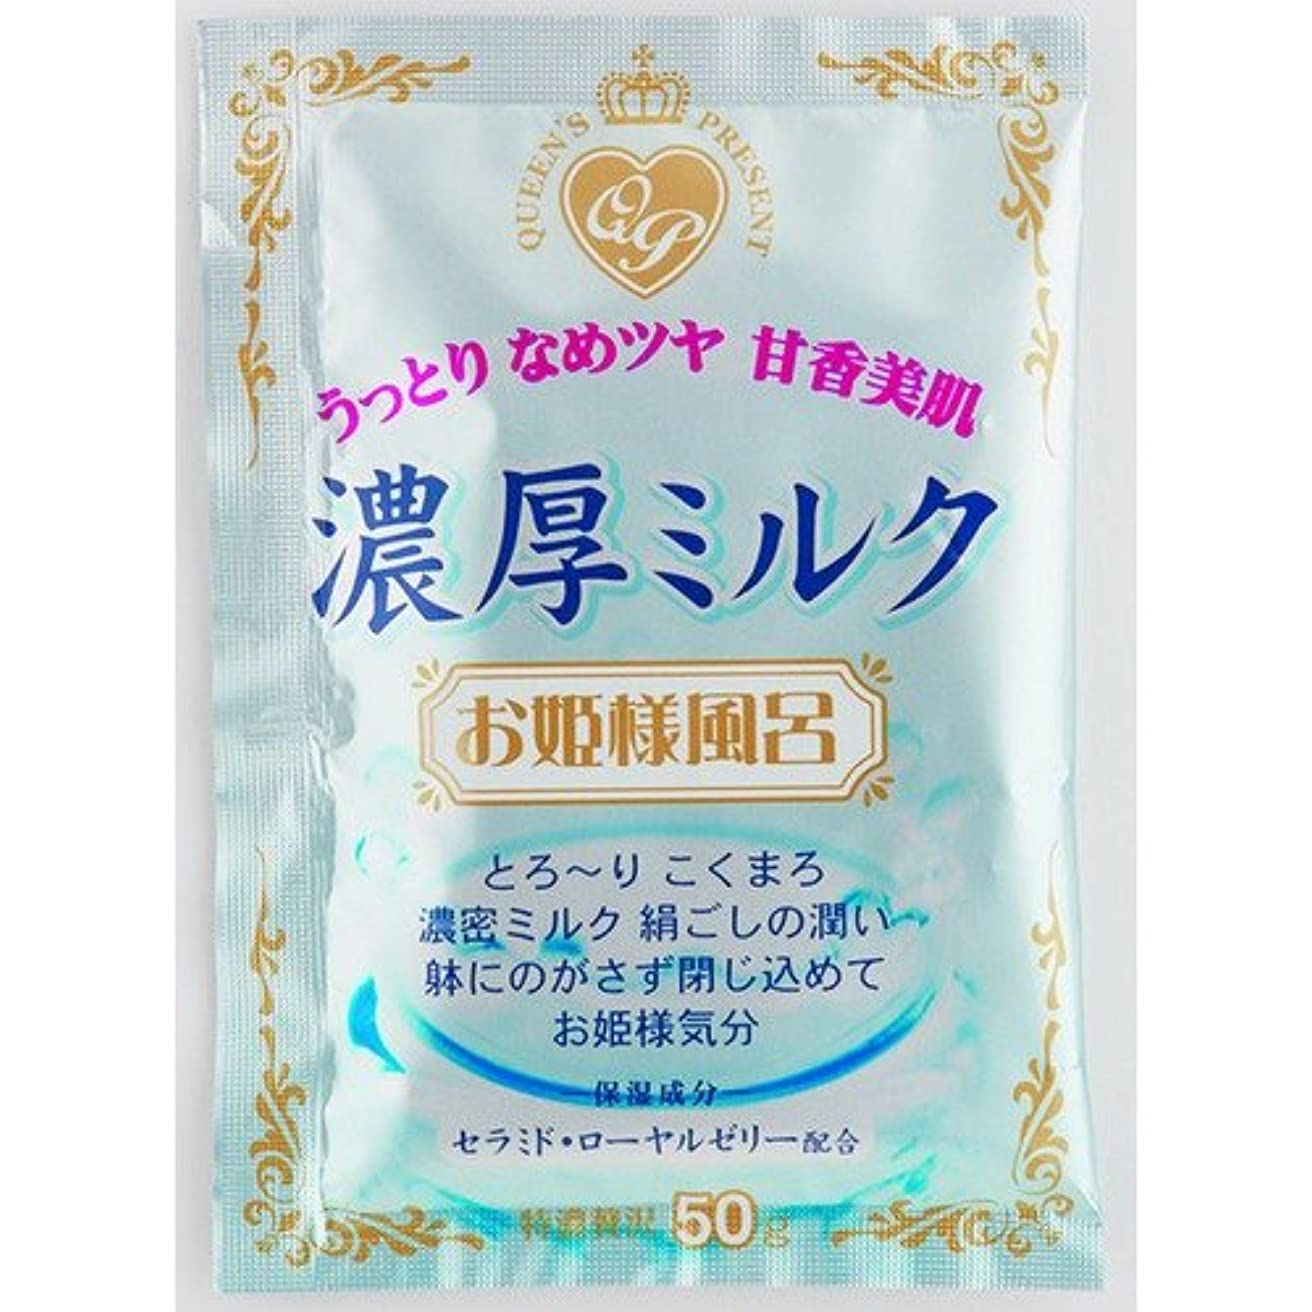 姉妹歯科医きゅうりお姫様風呂 濃厚ミルク 50g